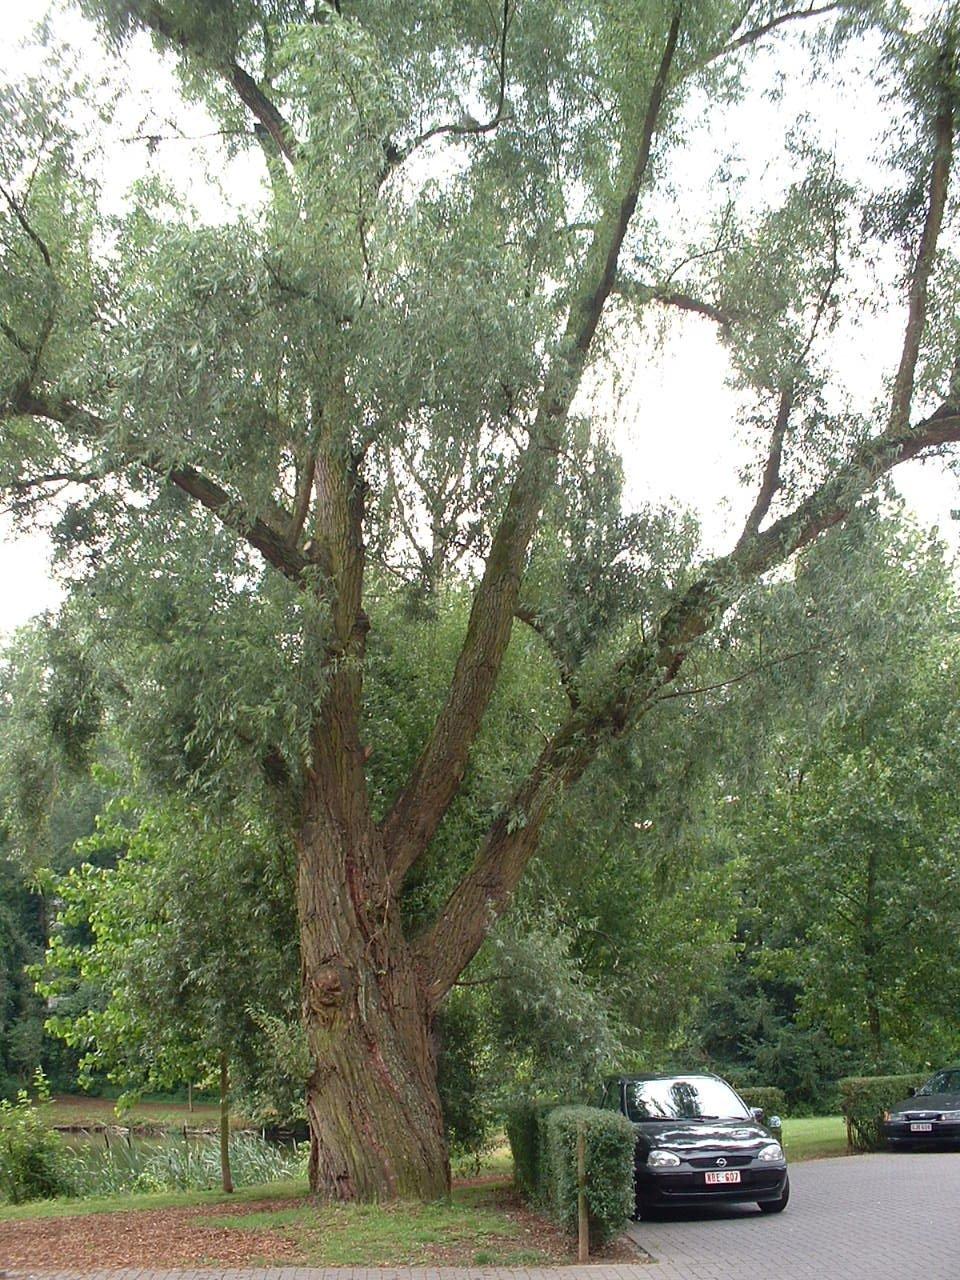 Gewone wilg – Watermaal-Bosvoorde, Reigersbosparc, Visserijstraat –  22 Juli 2002